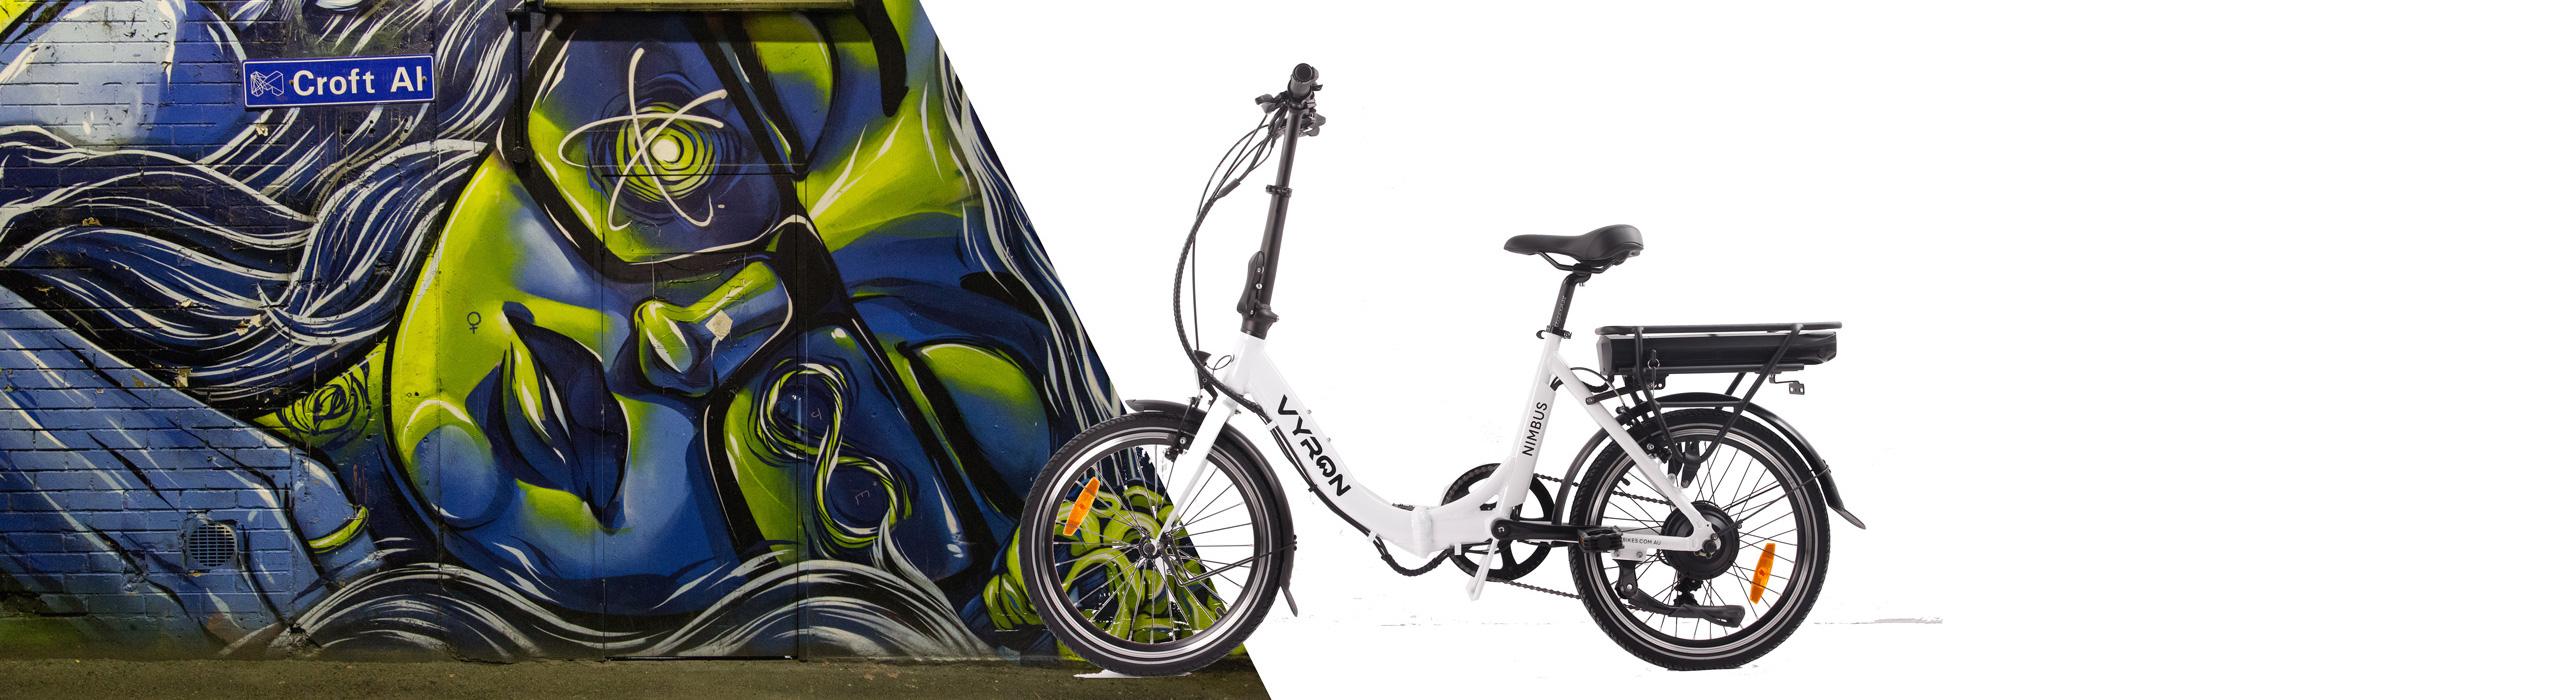 Vyron Electric Bikes